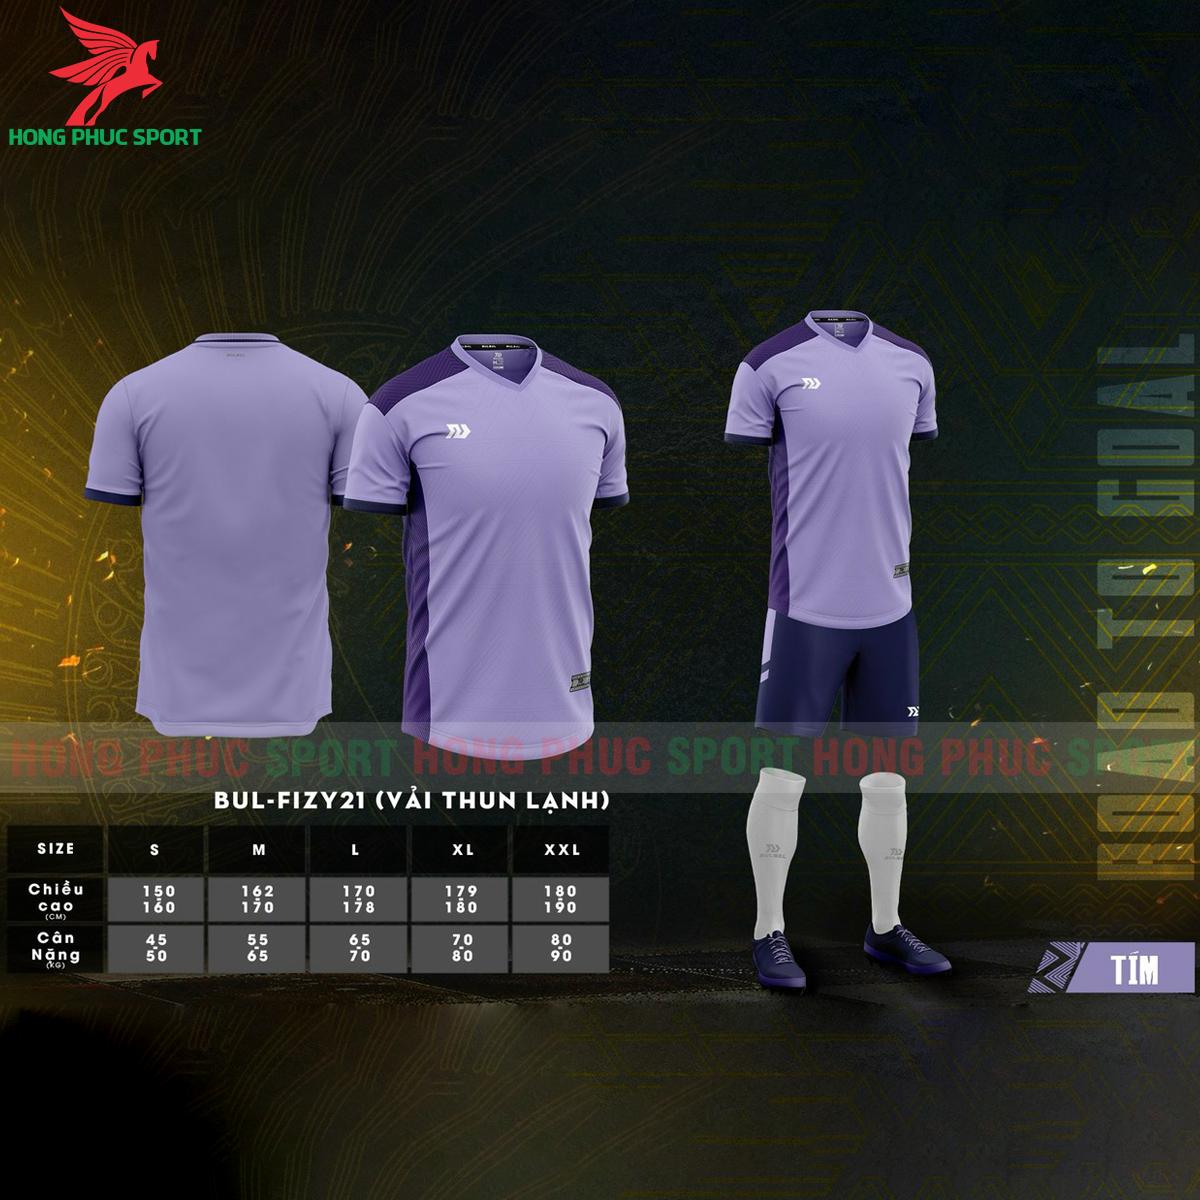 Áo đá banh không logo Bulbal Falcol 2021 màu tím (1)